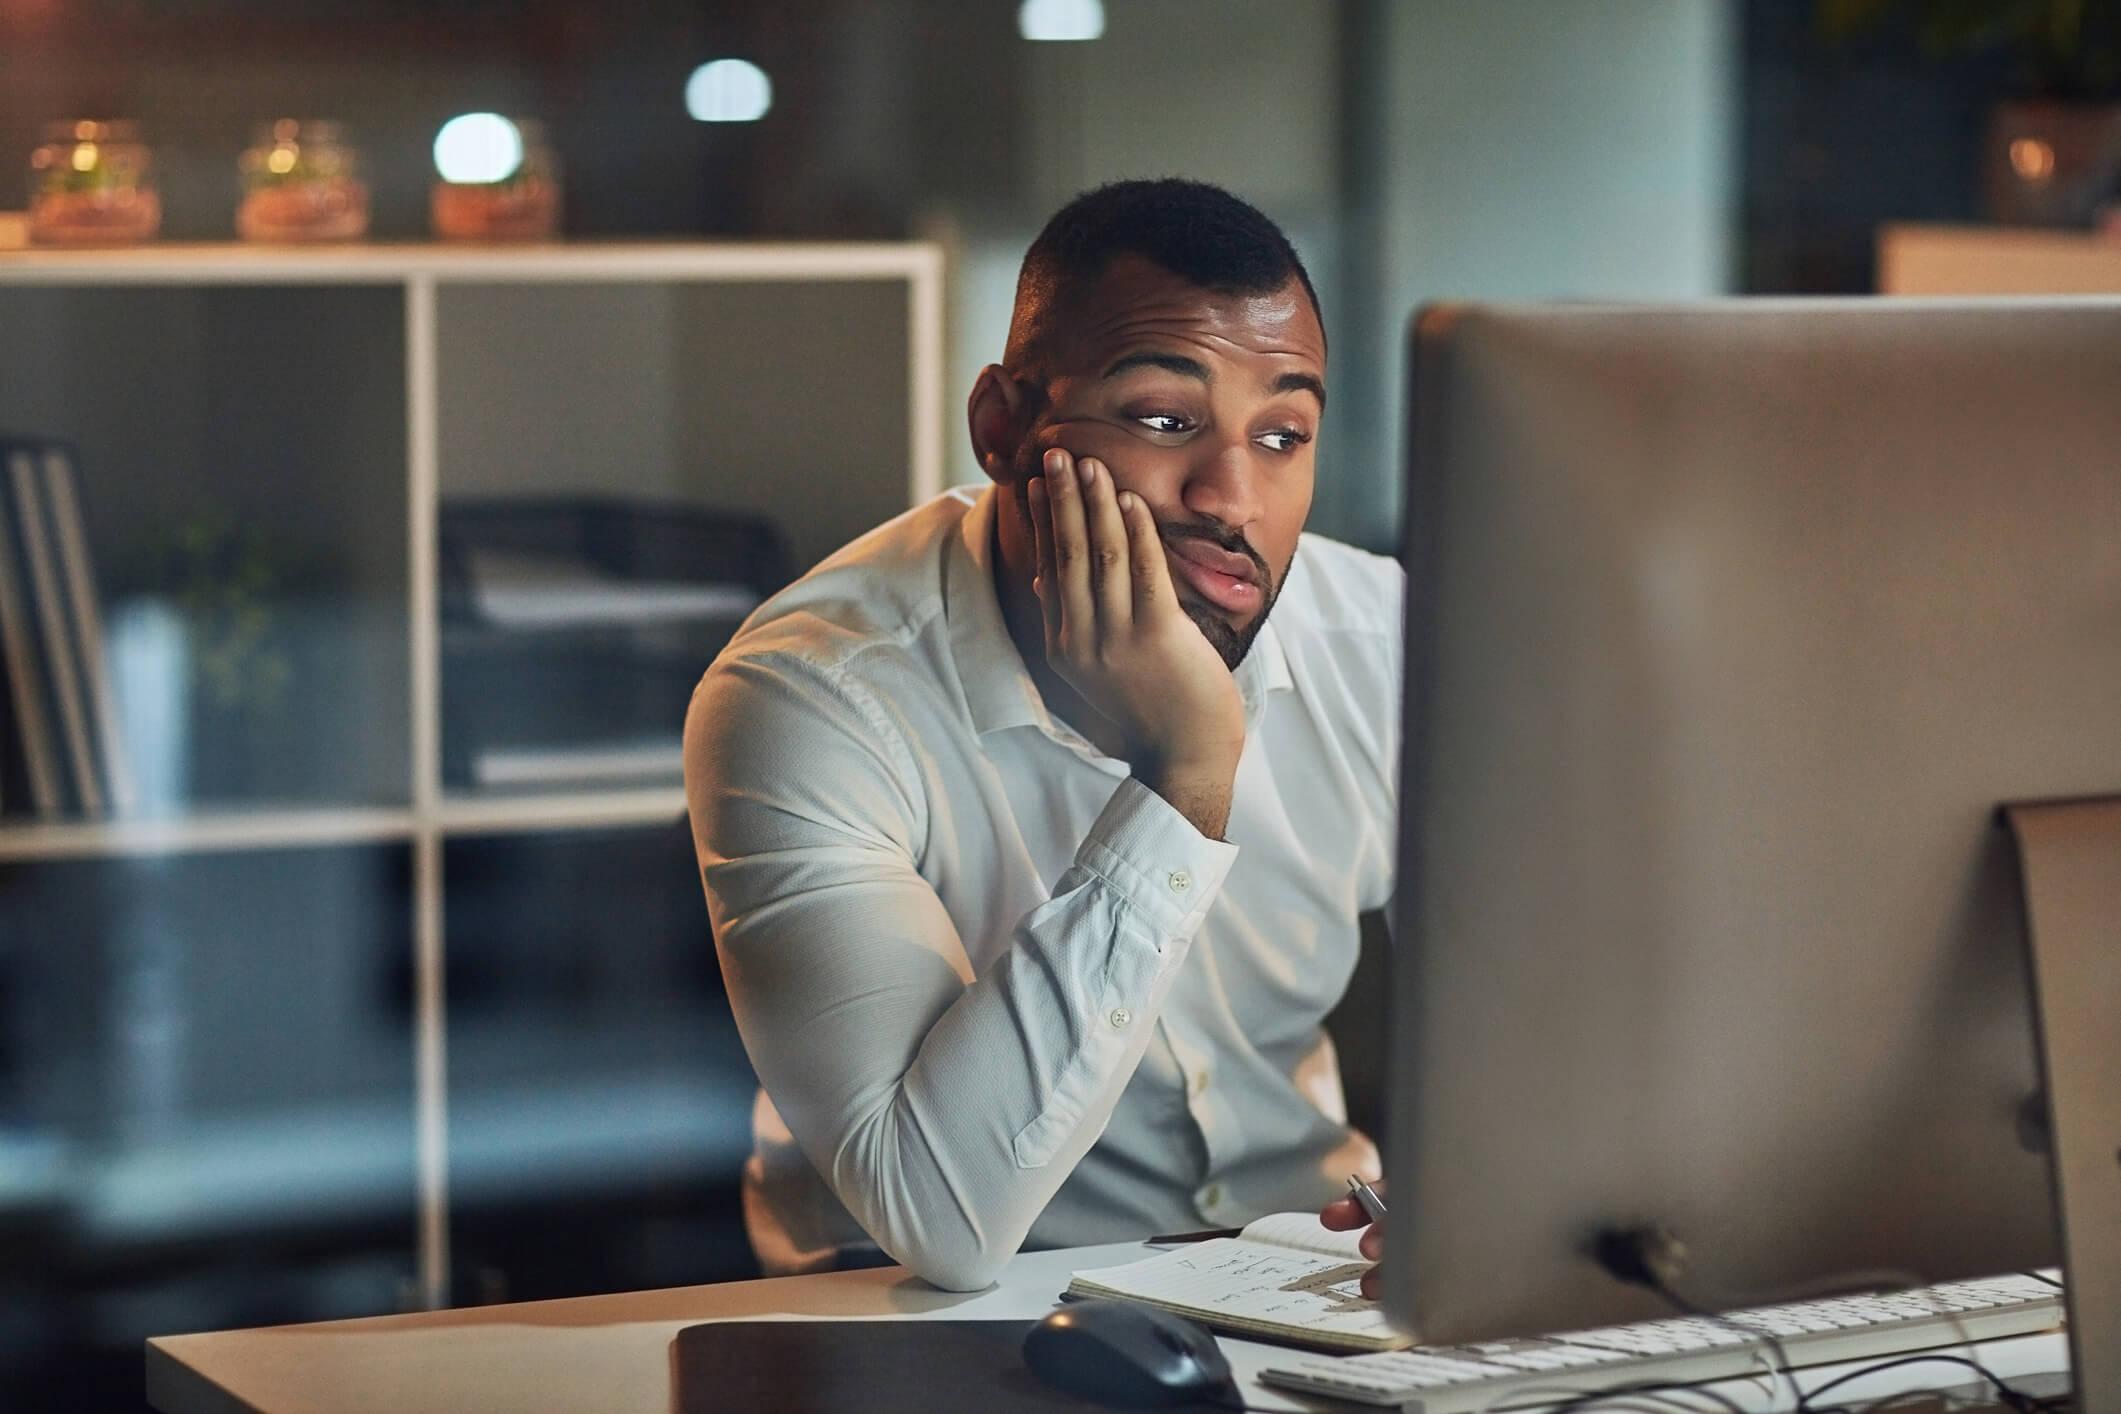 desmotivacao-dos-millennials-no-trabalho-quais-sao-as-causas-e-como-lidar.jpeg